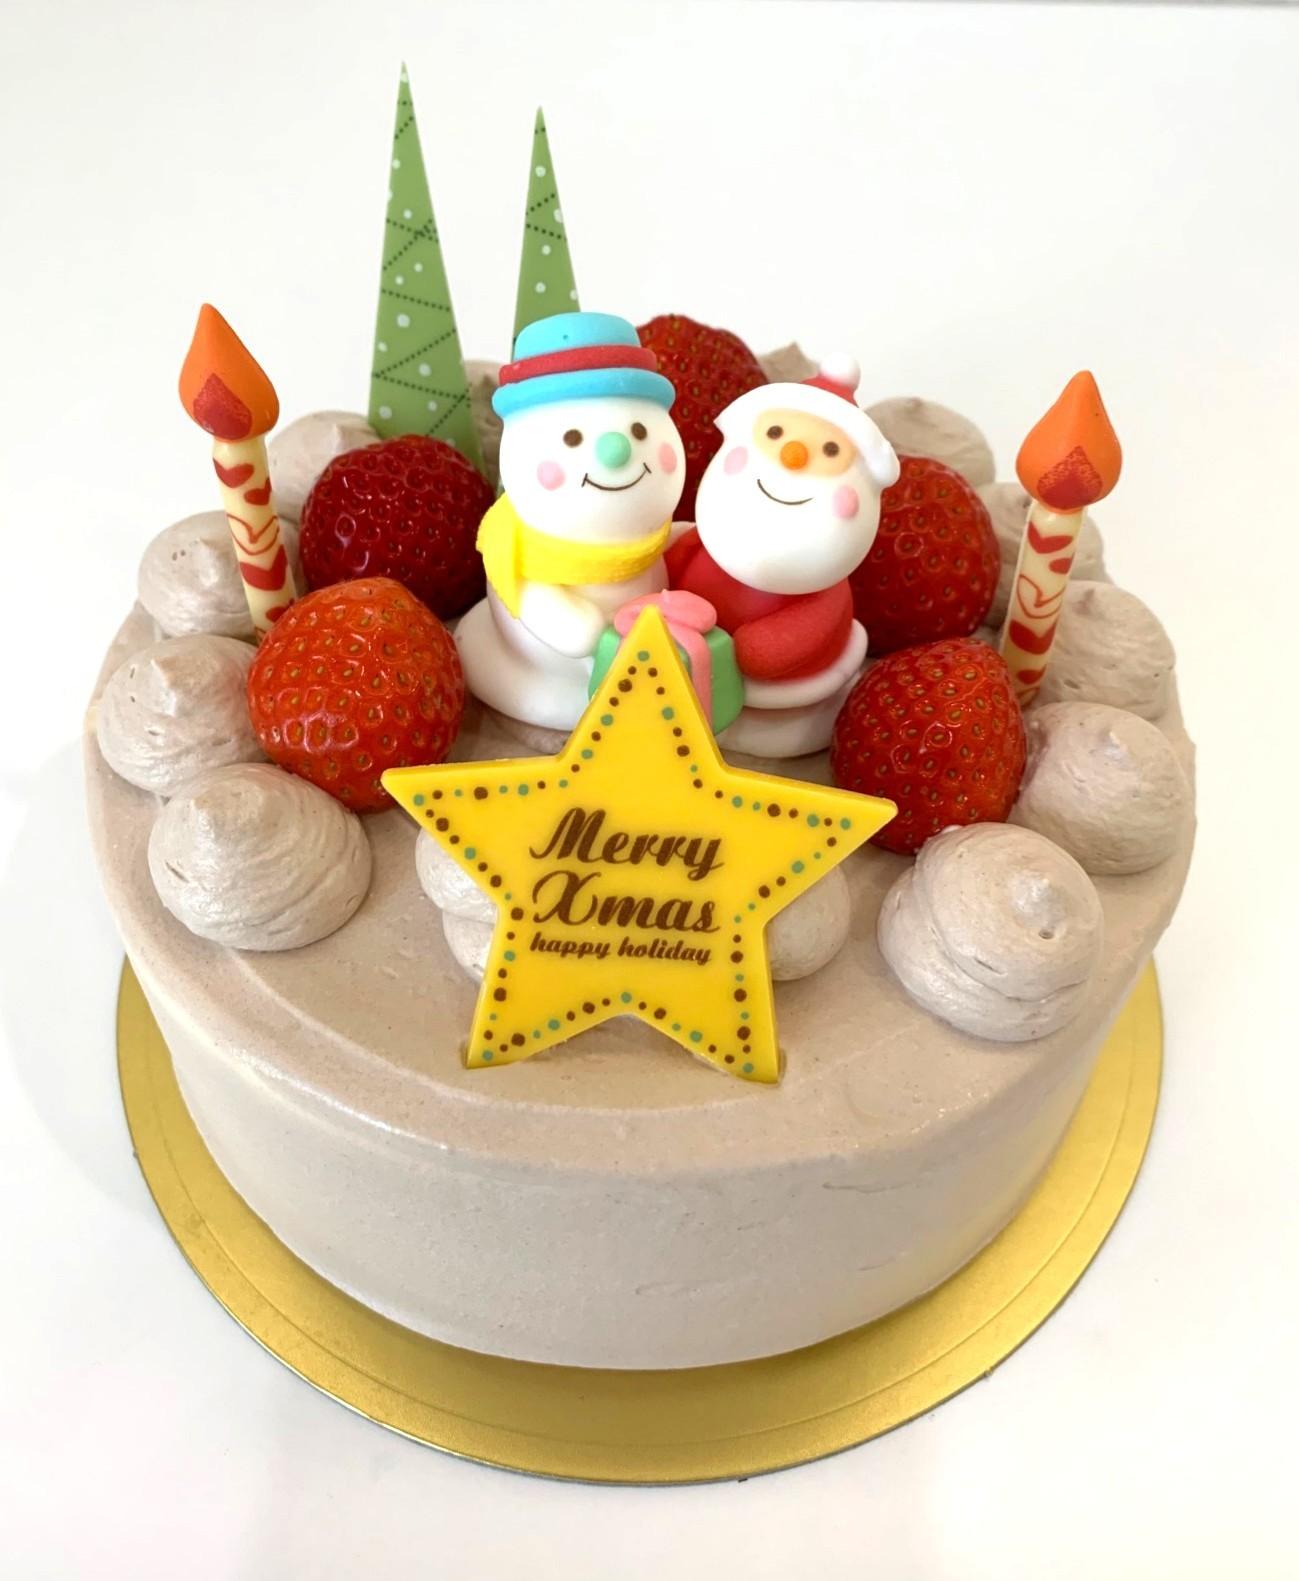 クリスマスケーキ_c0218292_17470388.jpg